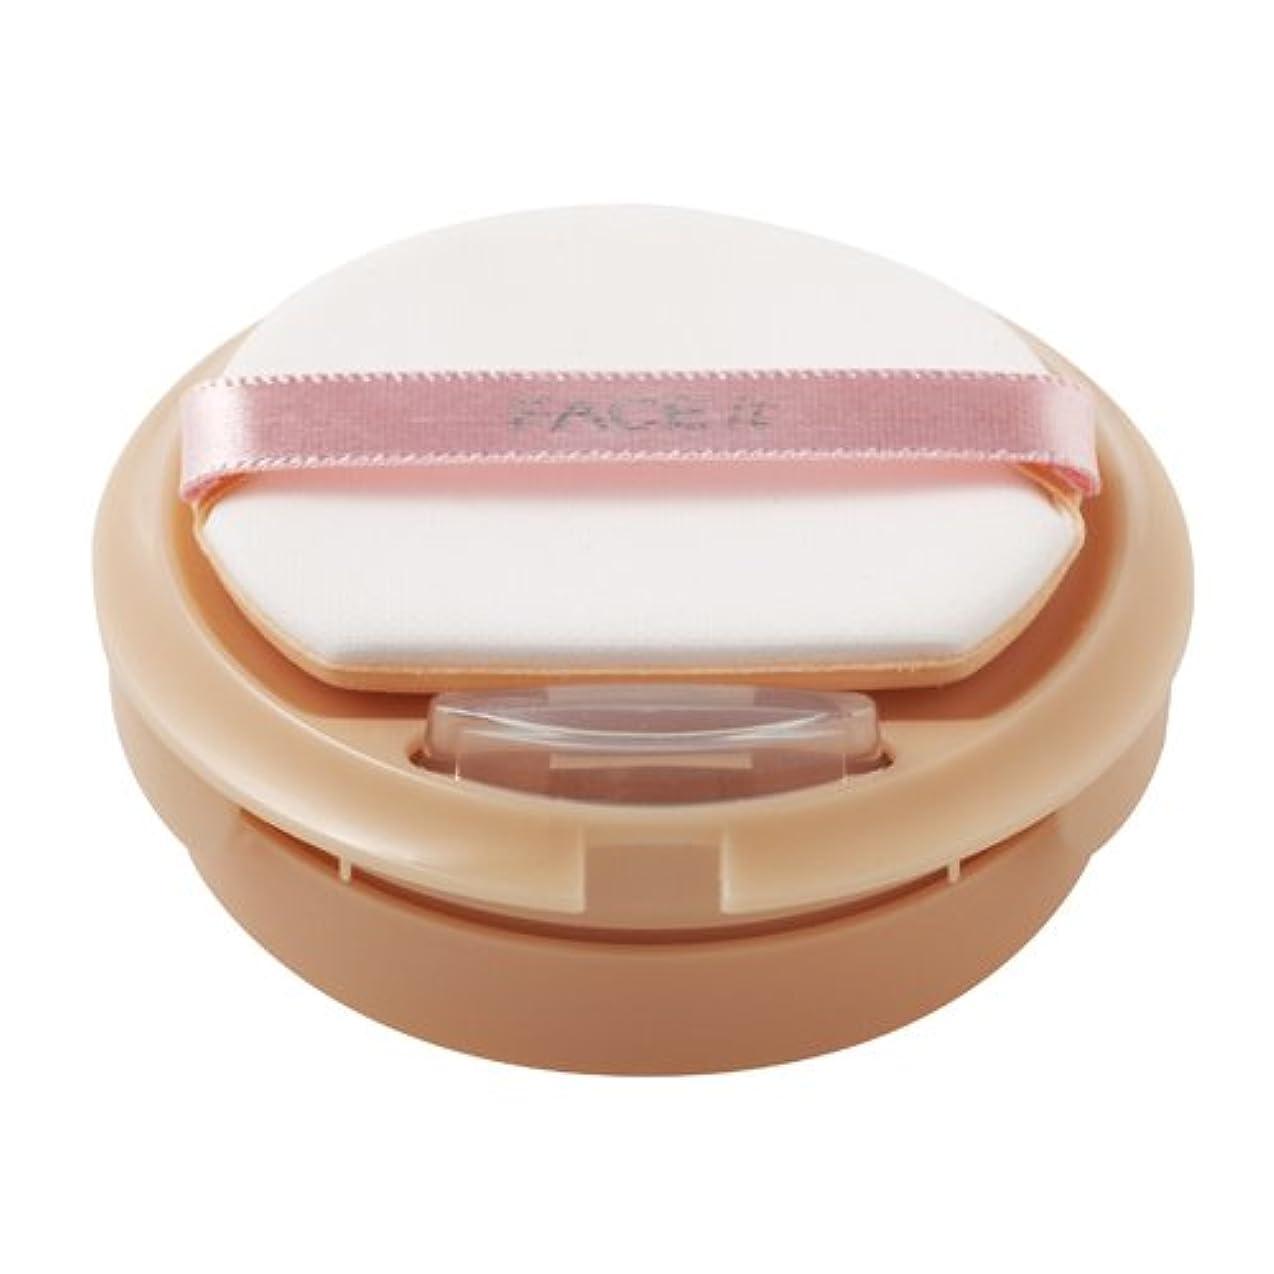 検証レインコート提供[Refill] #02 Natural Beige THE FACE SHOP Face It Aura Color Control Cream ザフェイスショップ フェイスイット アウラ カラーコントロール クリーム...